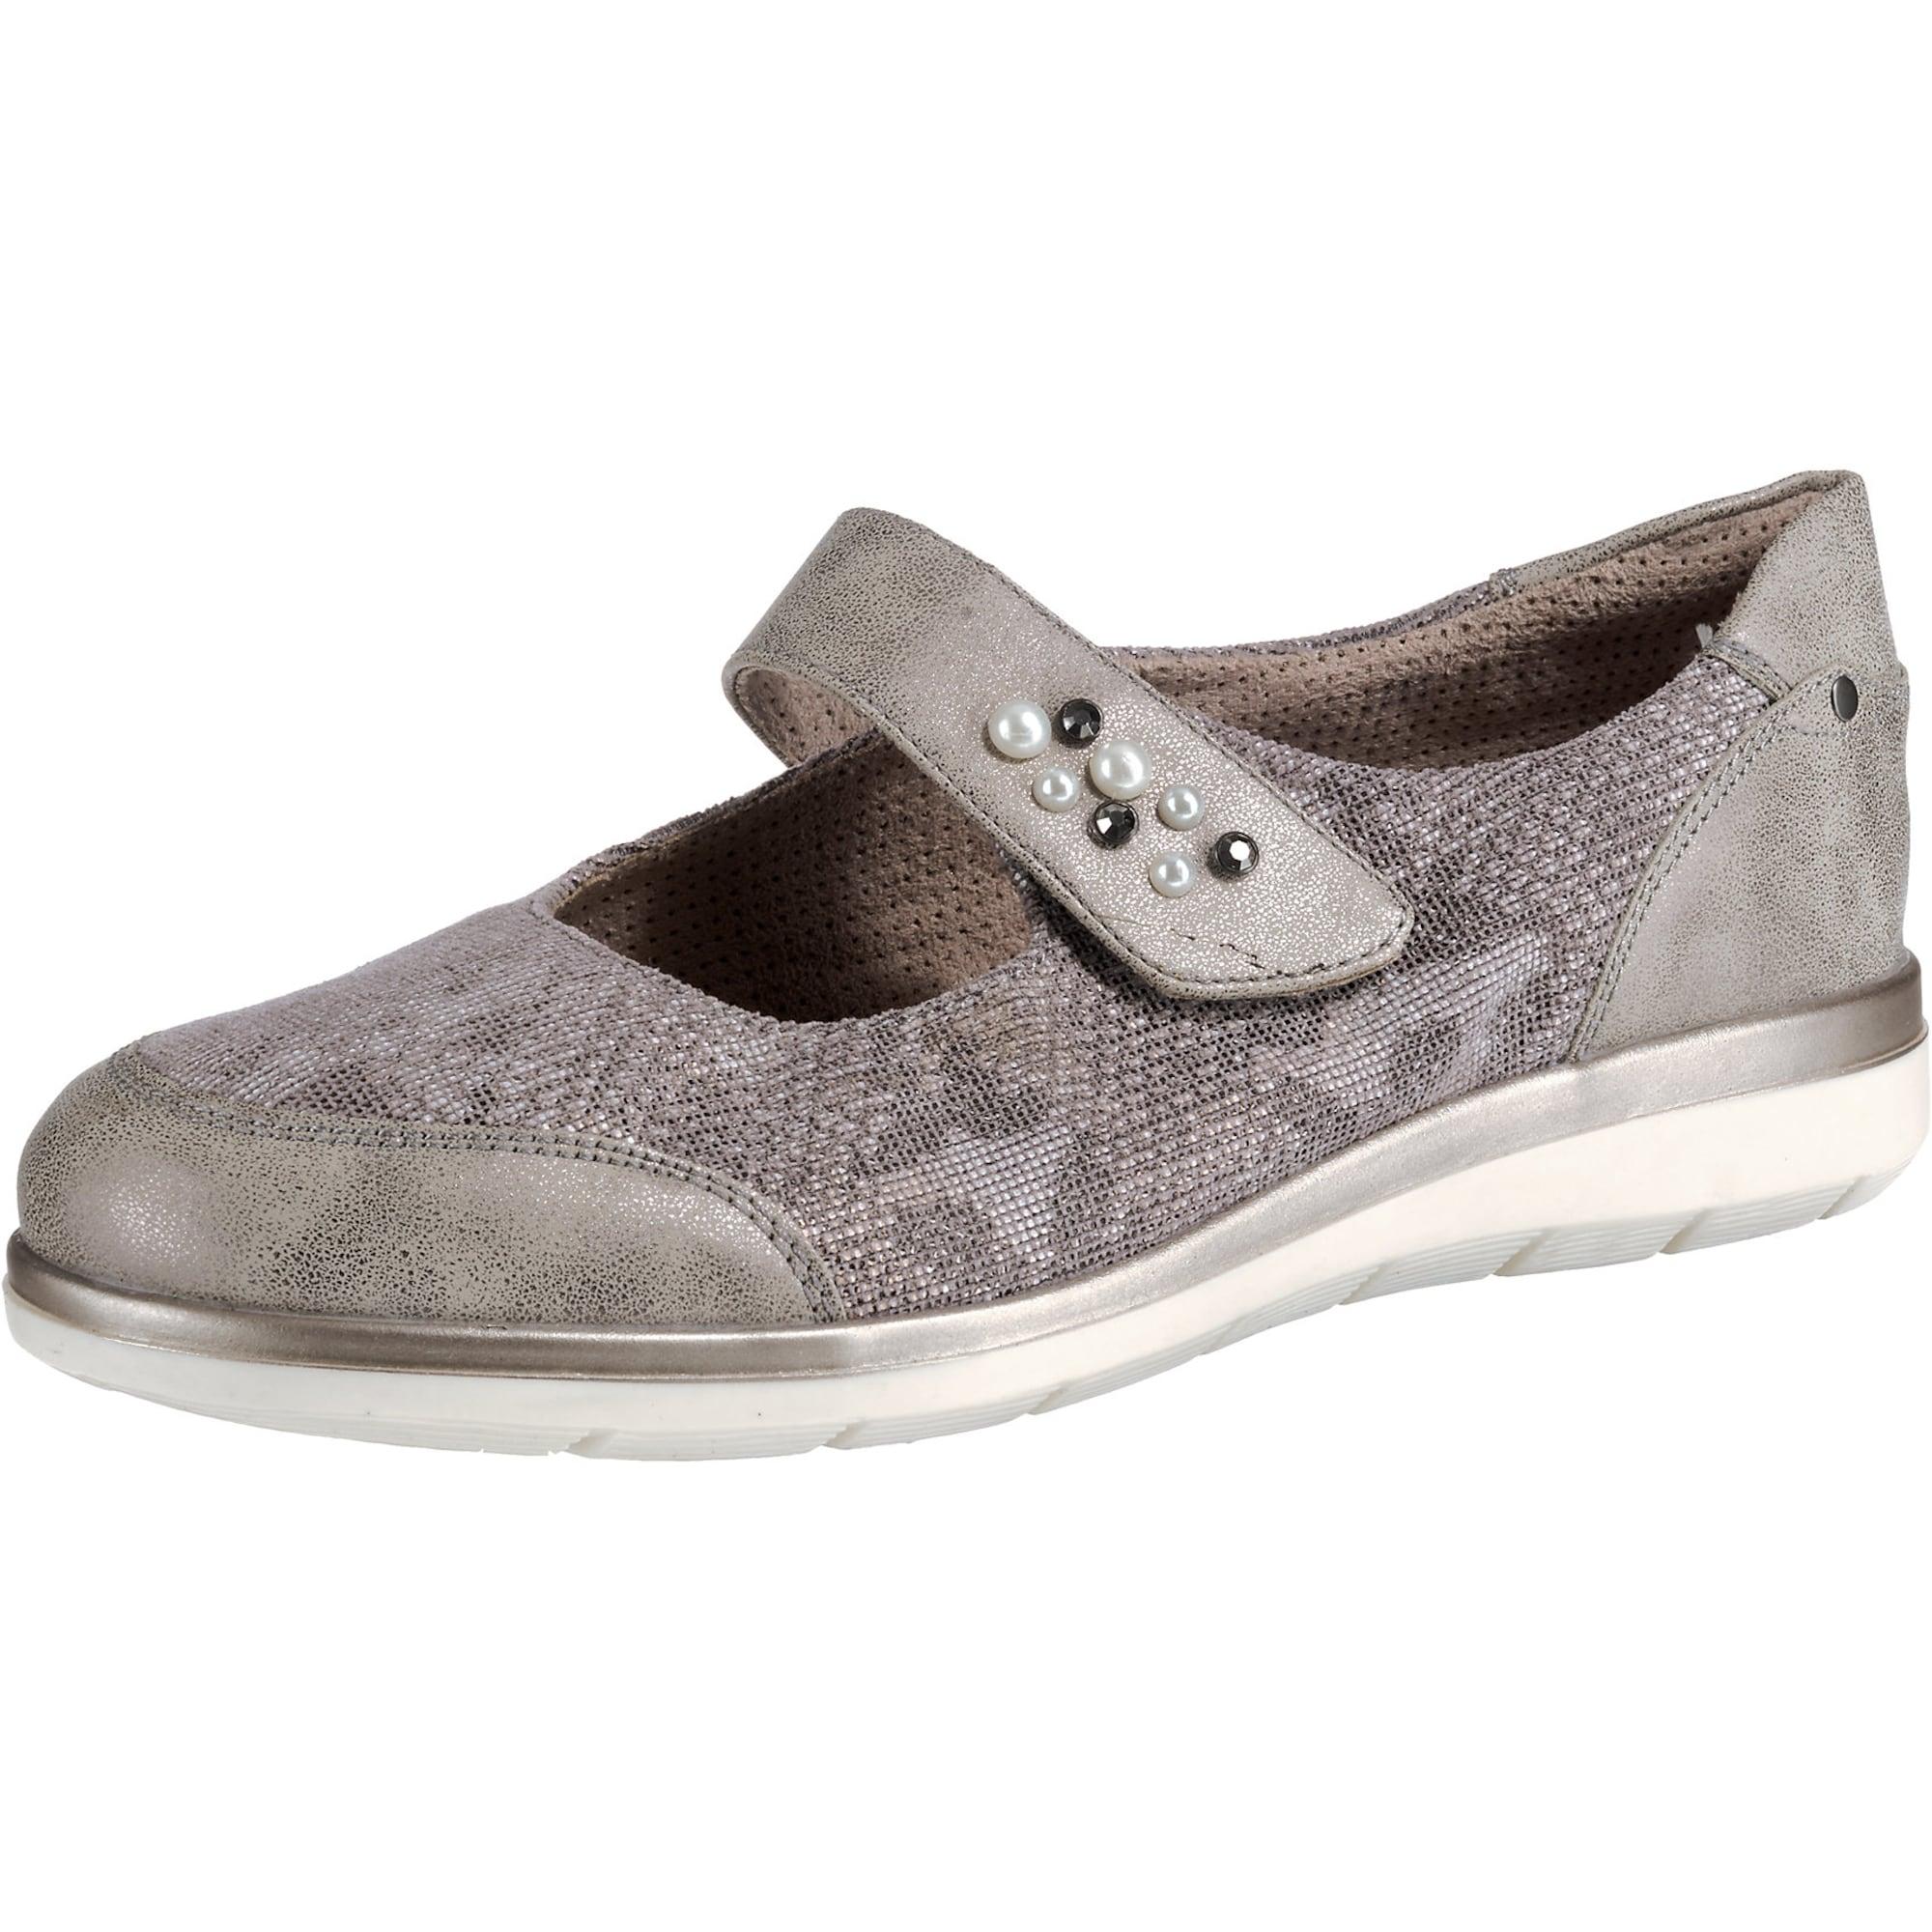 Klassische Ballerinas | Schuhe > Ballerinas > Klassische Ballerinas | Relife